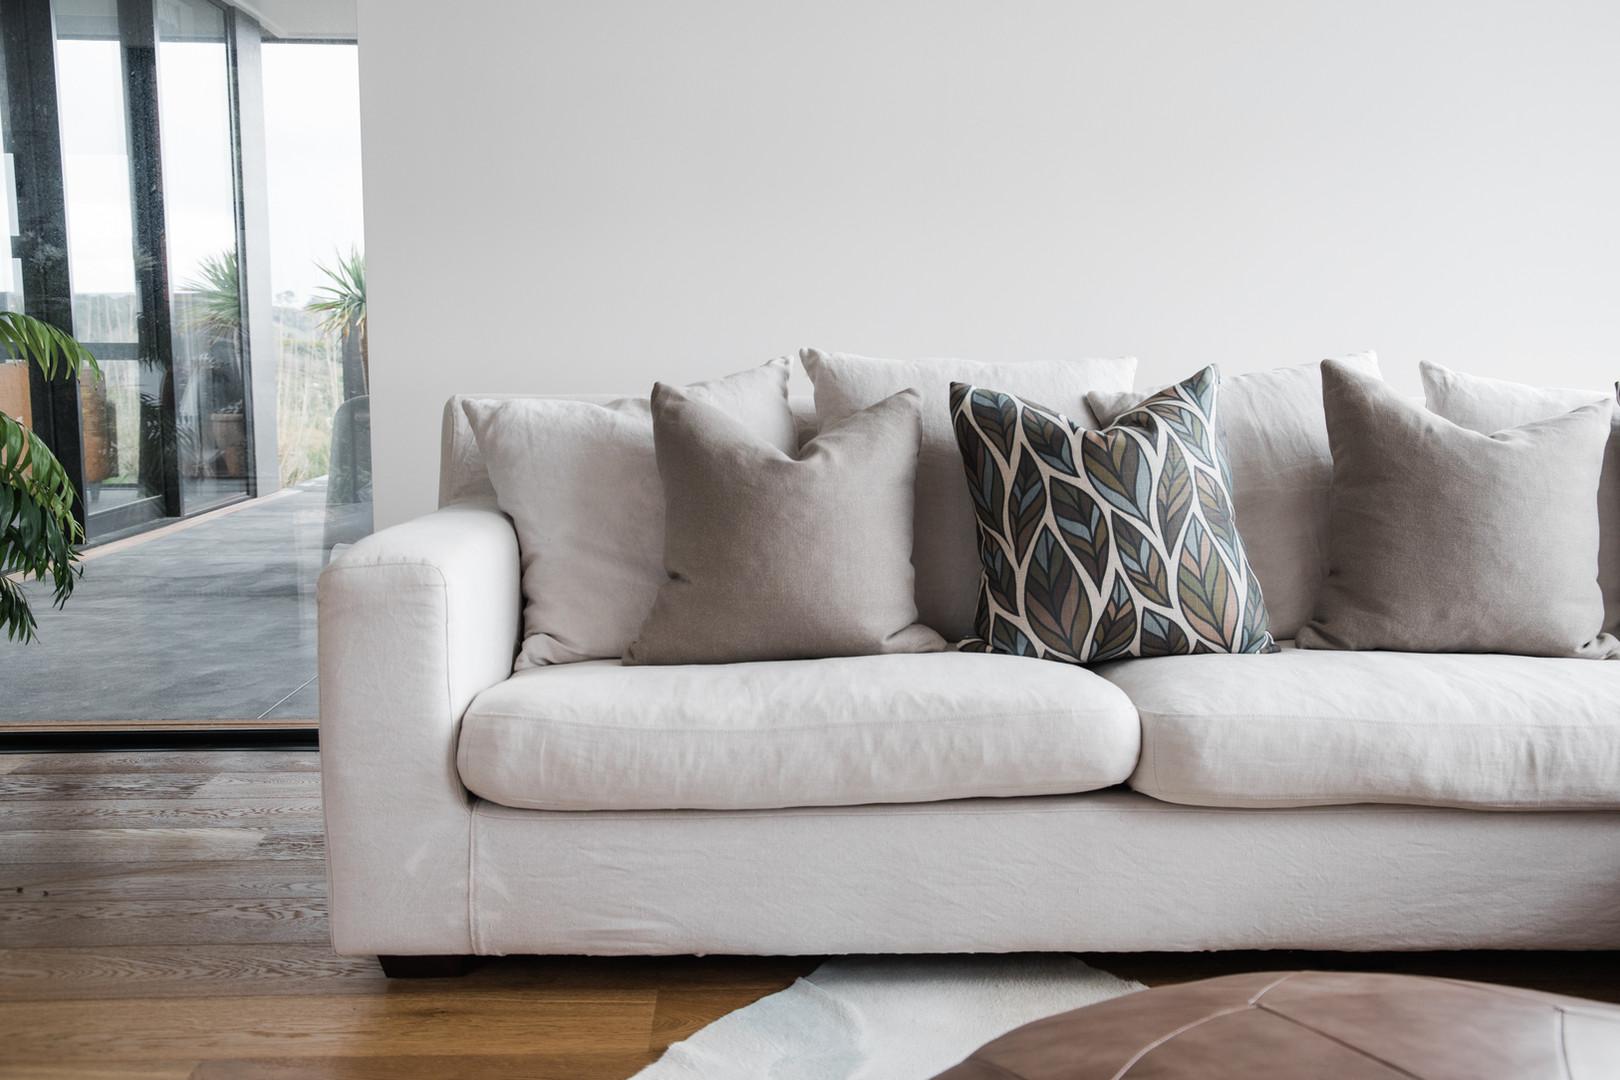 Leaf cushion on Sofa